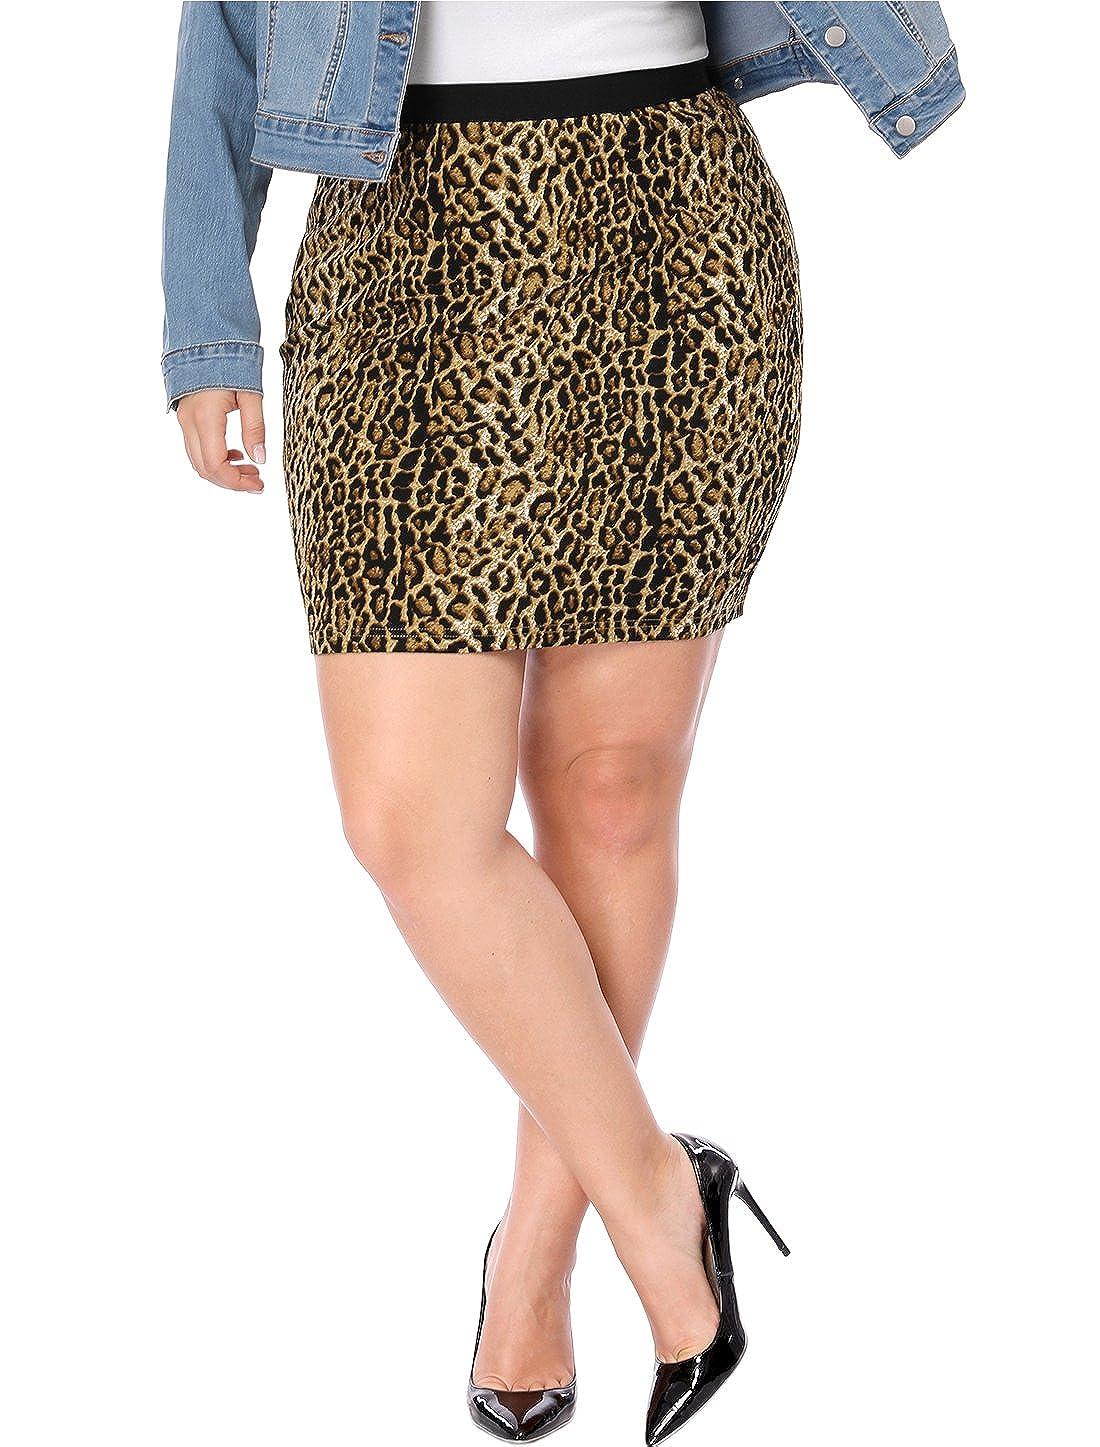 Agnes Orinda Women's Plus Size Leopard Prints Elastic Waist Pencil Skirt 1X Brown a17091500ux0353eu